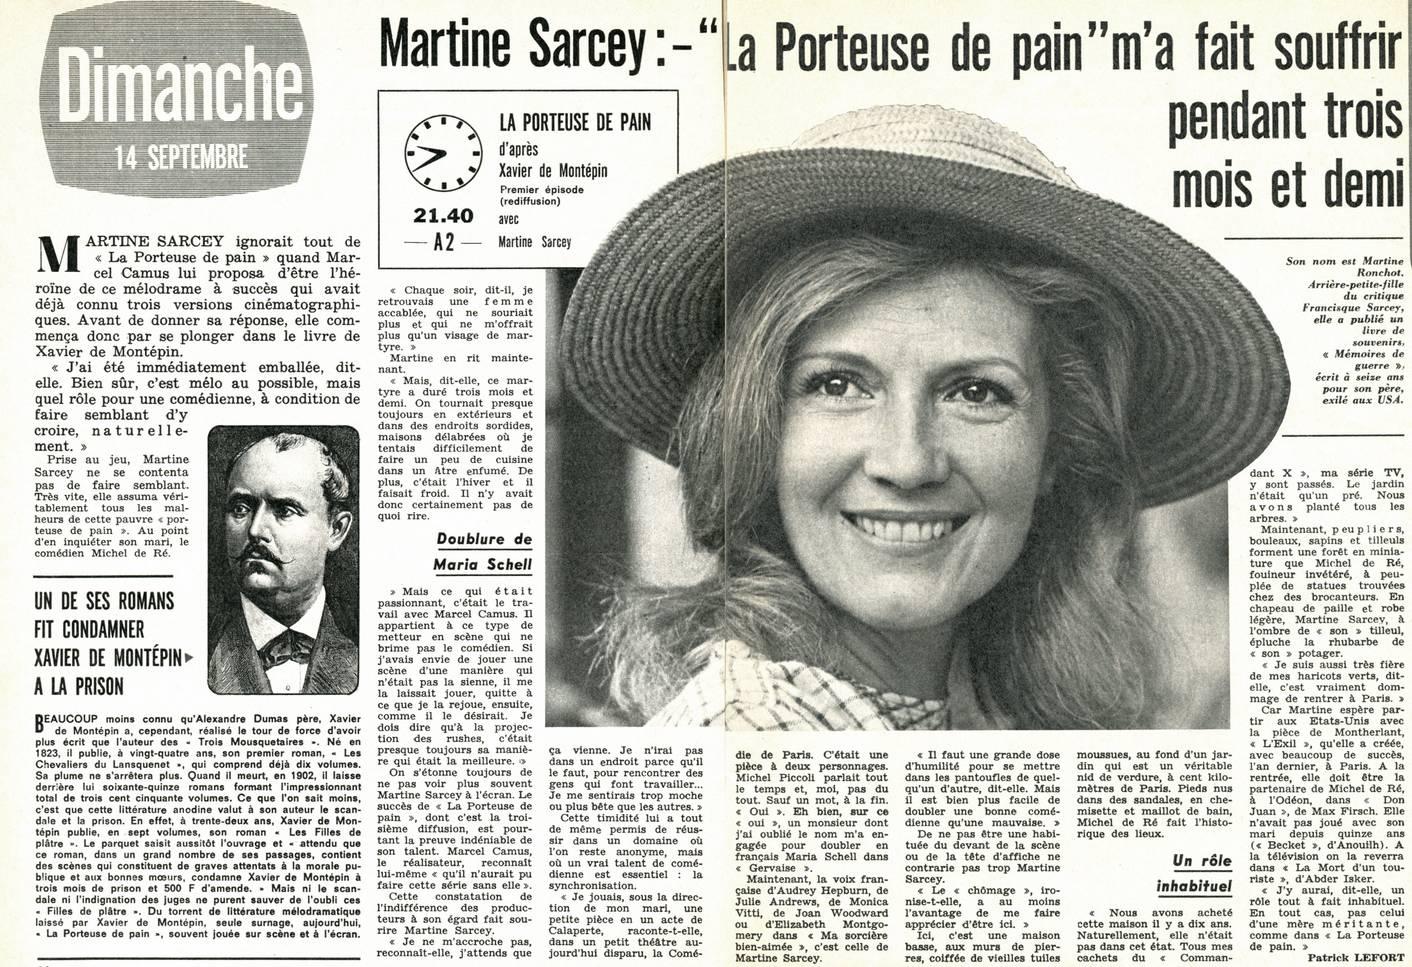 DE TÉLÉCHARGER LA SARCEY PORTEUSE PAIN MARTINE